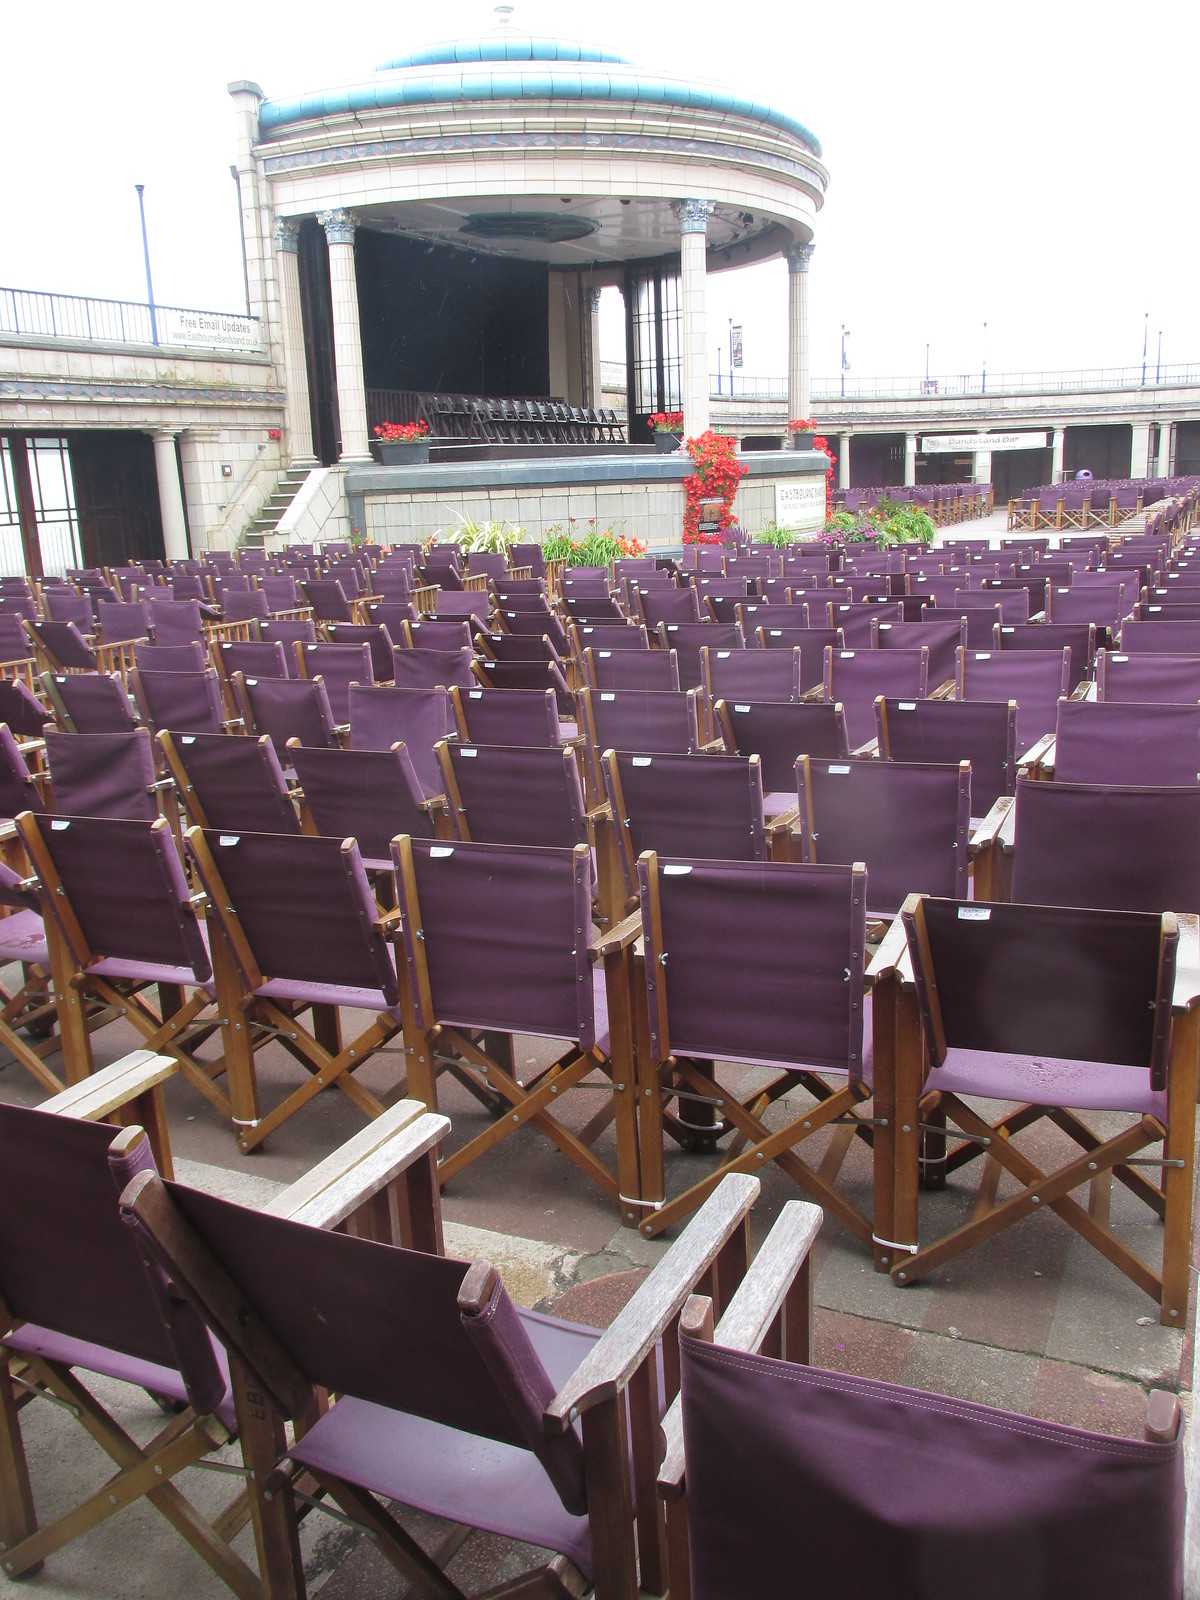 July 12, 2015: Eastbourne to East Dean Deserted Eastbourne bandstand